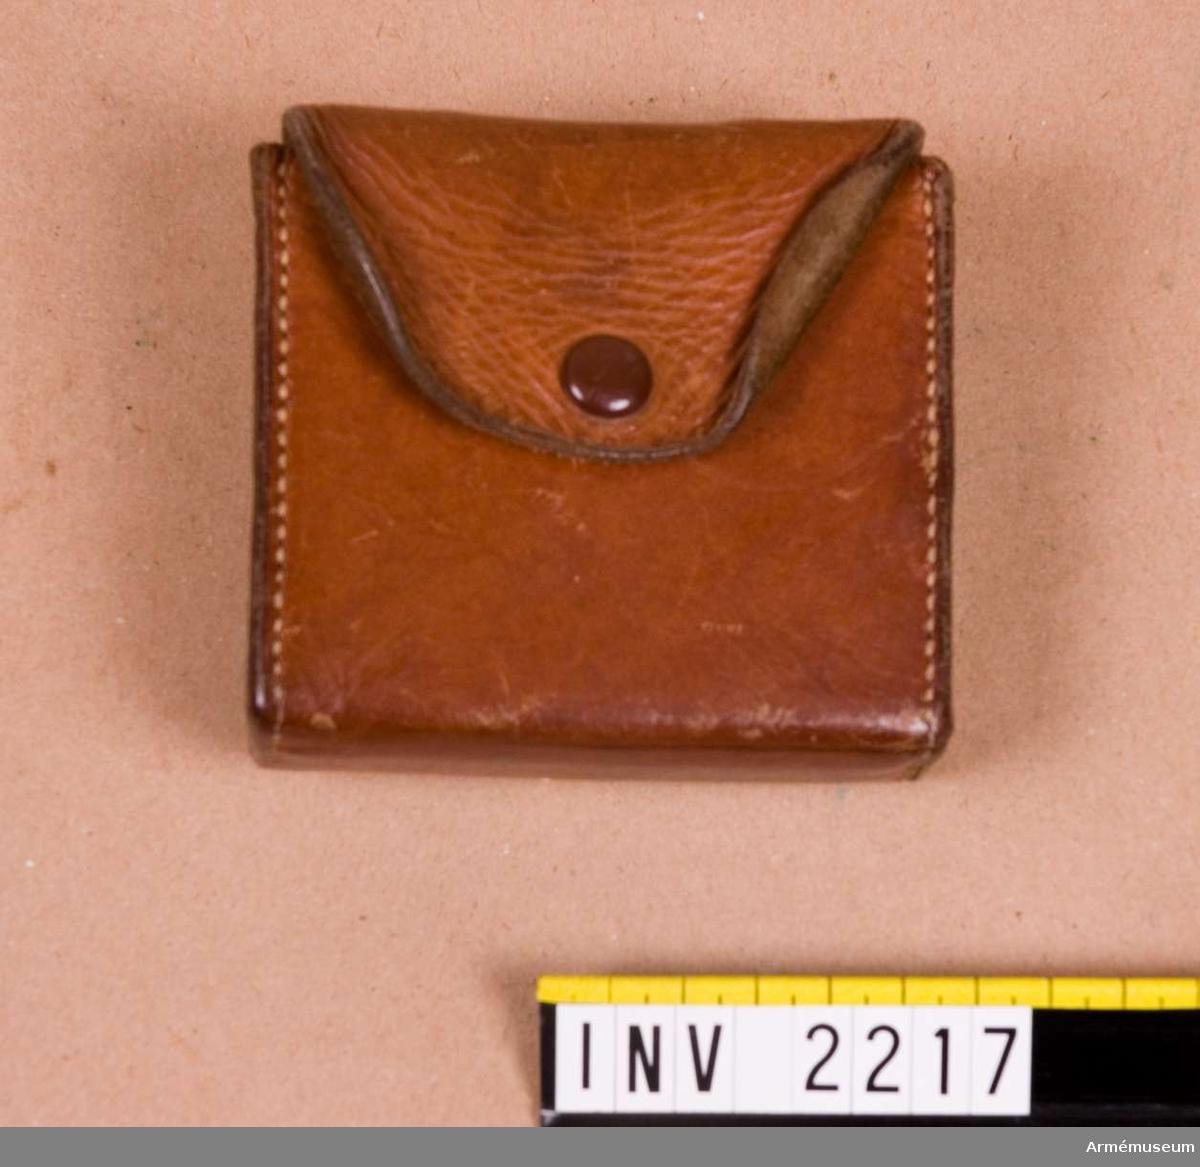 Samhörande nr är 2266-2169, 2214-2220 (2216-2217).Fodral t kompass. 1950.Ljust läder med laskade sömmar. Lock med flik, knäppt med  tryckknapp. På baksidan en hälla för att dra genom en livrem.Har tillhört ryttmästare J Henke, numera boende i Marbella, Malaga, svensk konsul.